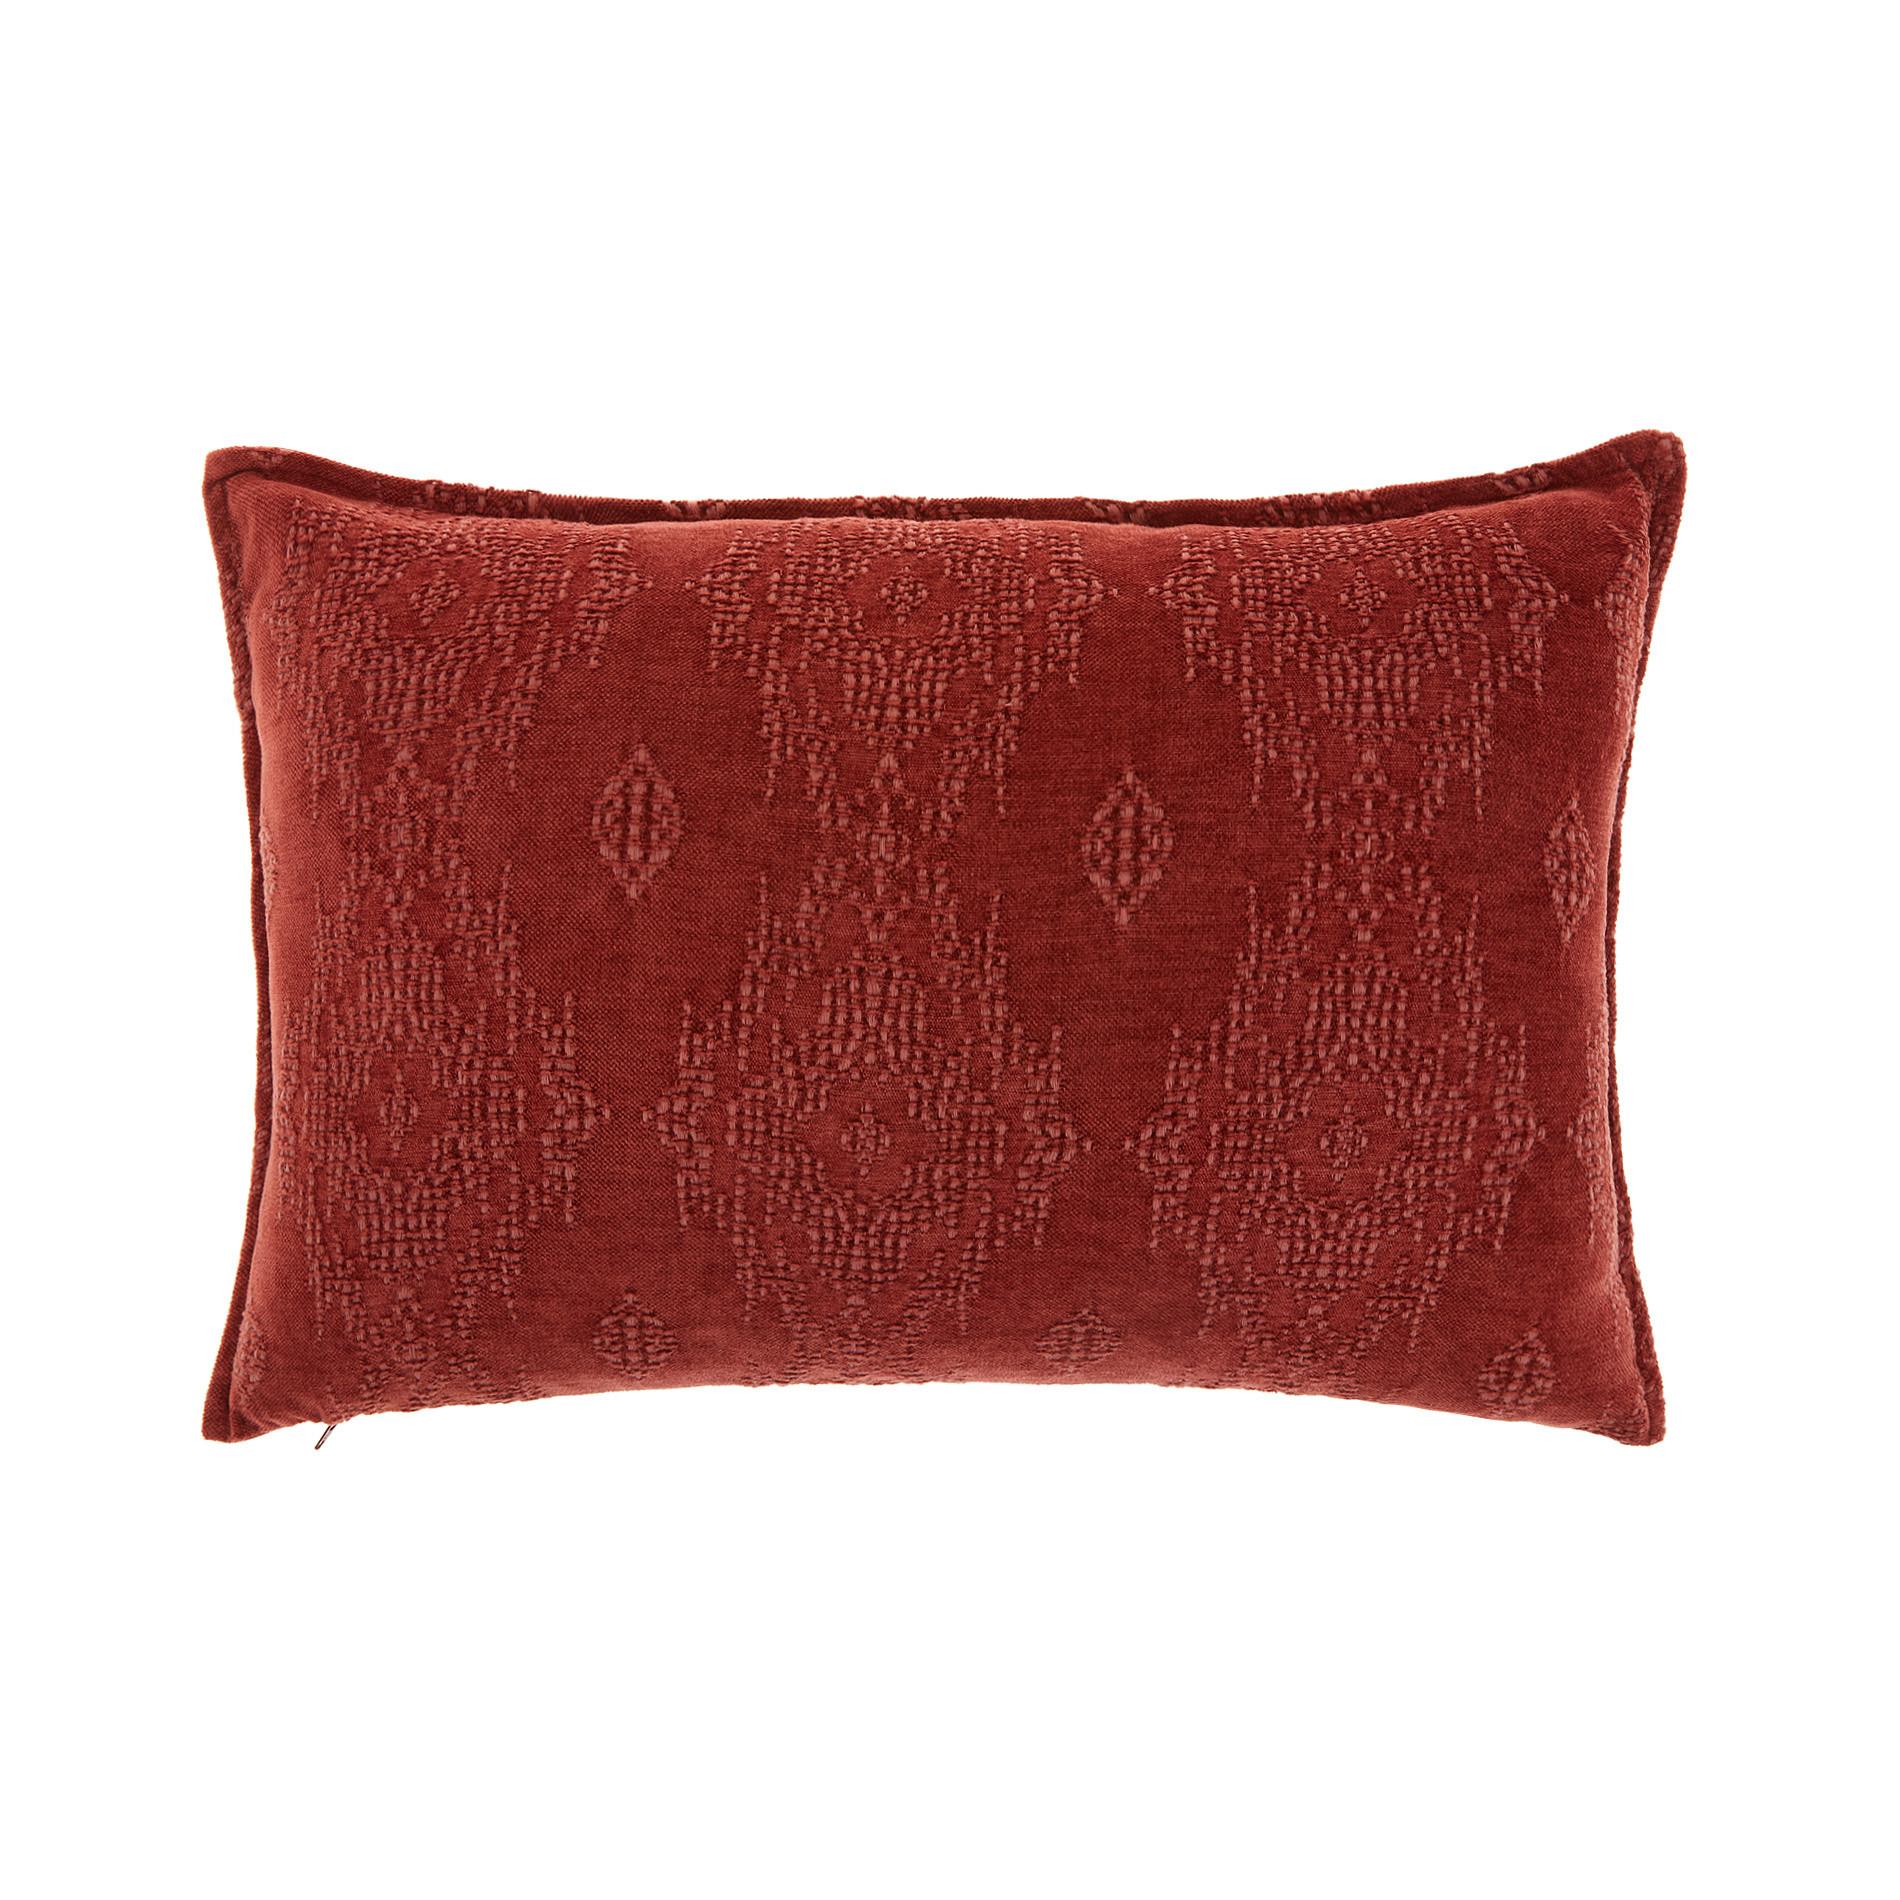 Cuscino tessuto stonewashed 35x55cm, Marrone, large image number 0